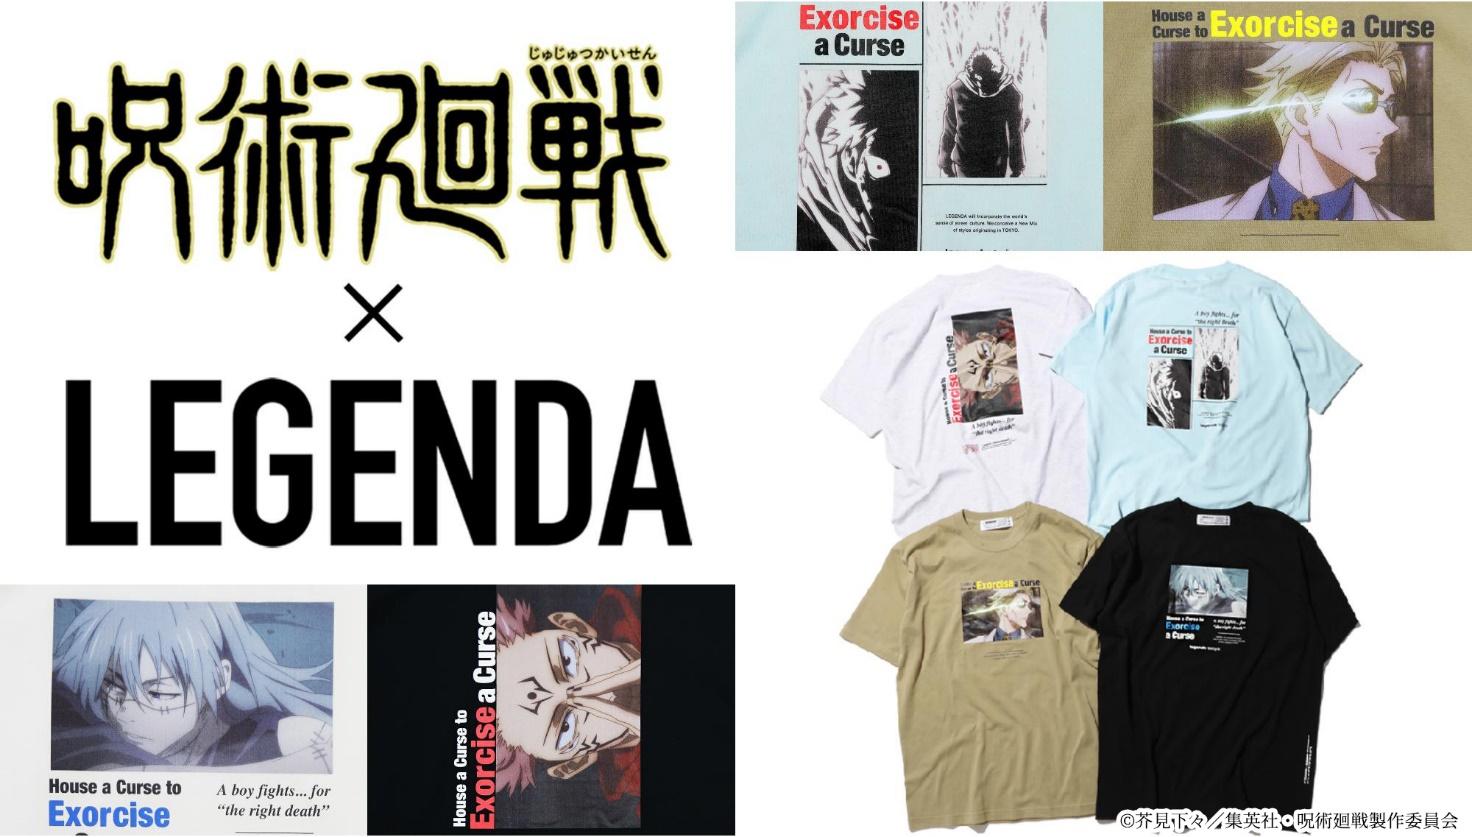 「呪術廻戦」×「LEGENDA」虎杖悠仁、七海健人、真人、両面宿儺がデザインされたTシャツがハイセンス!